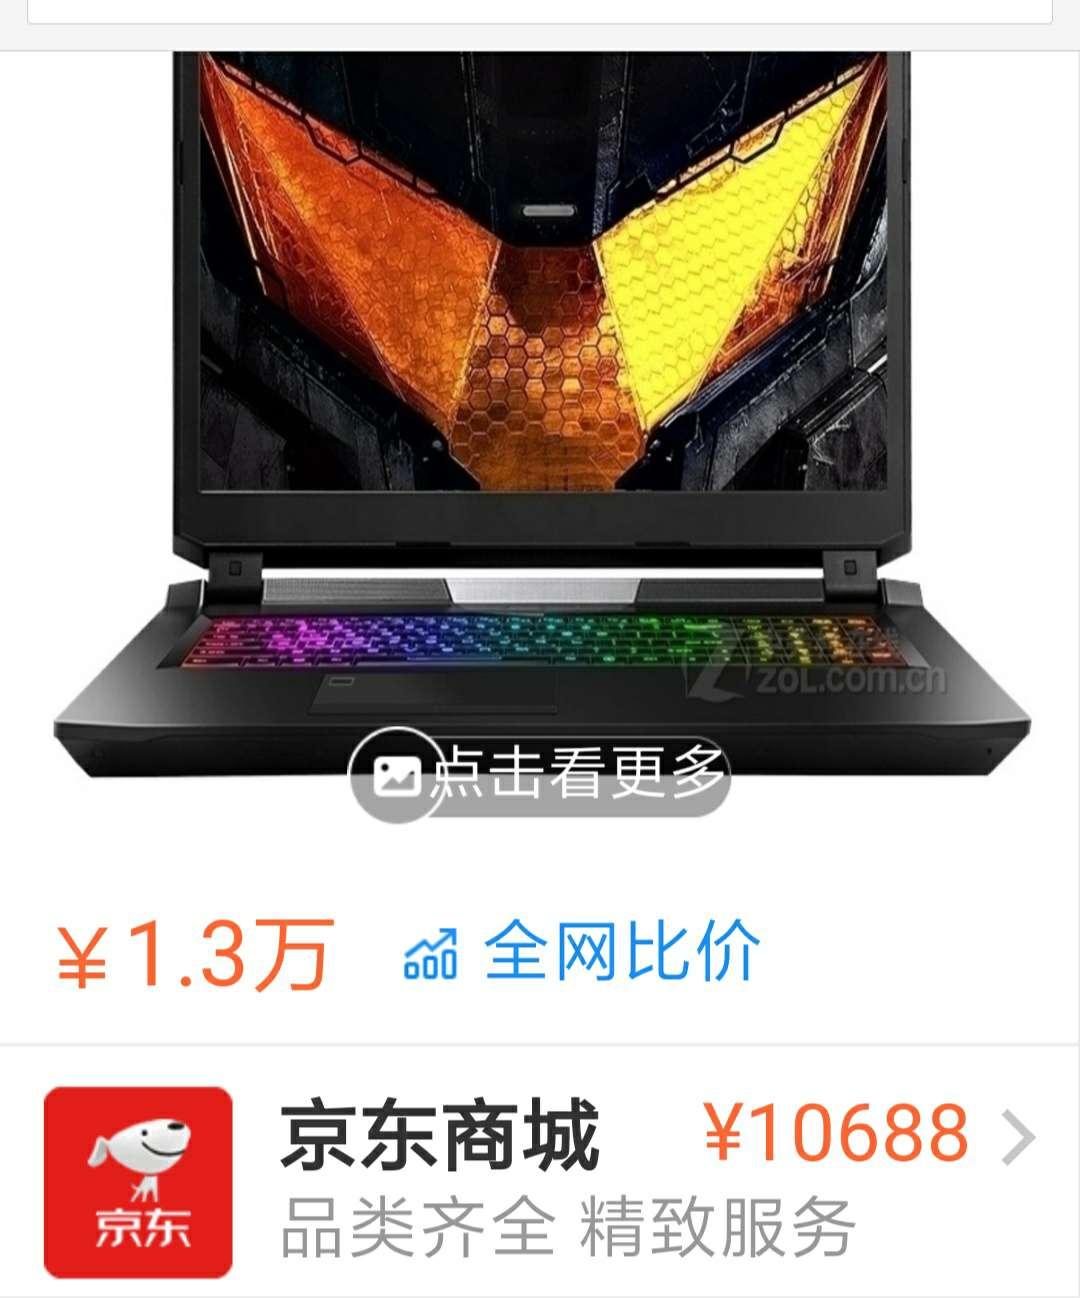 炫龙 V87P怎么开启小键盘?